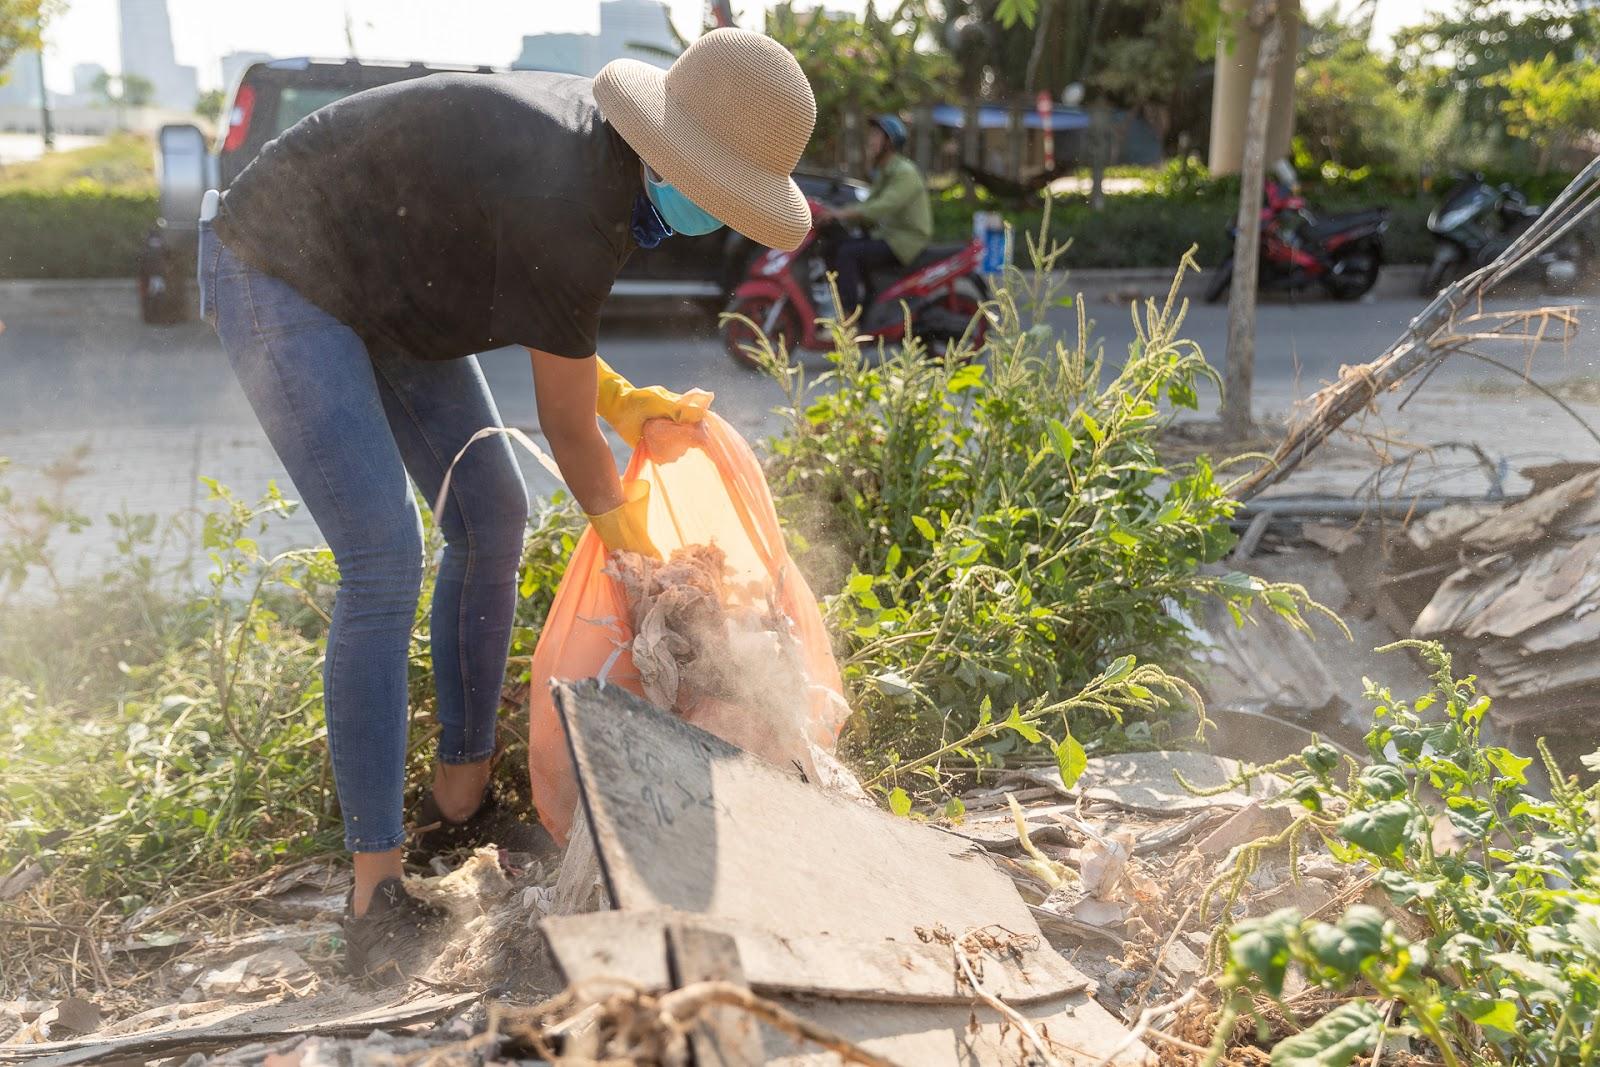 Rớt nước mắt khi thấy H'Hen Niê quần áo lấm lem, người đầy bụi đất dọn bãi rác kinh hoàng dưới cầu Thủ Thiêm - Hình 3